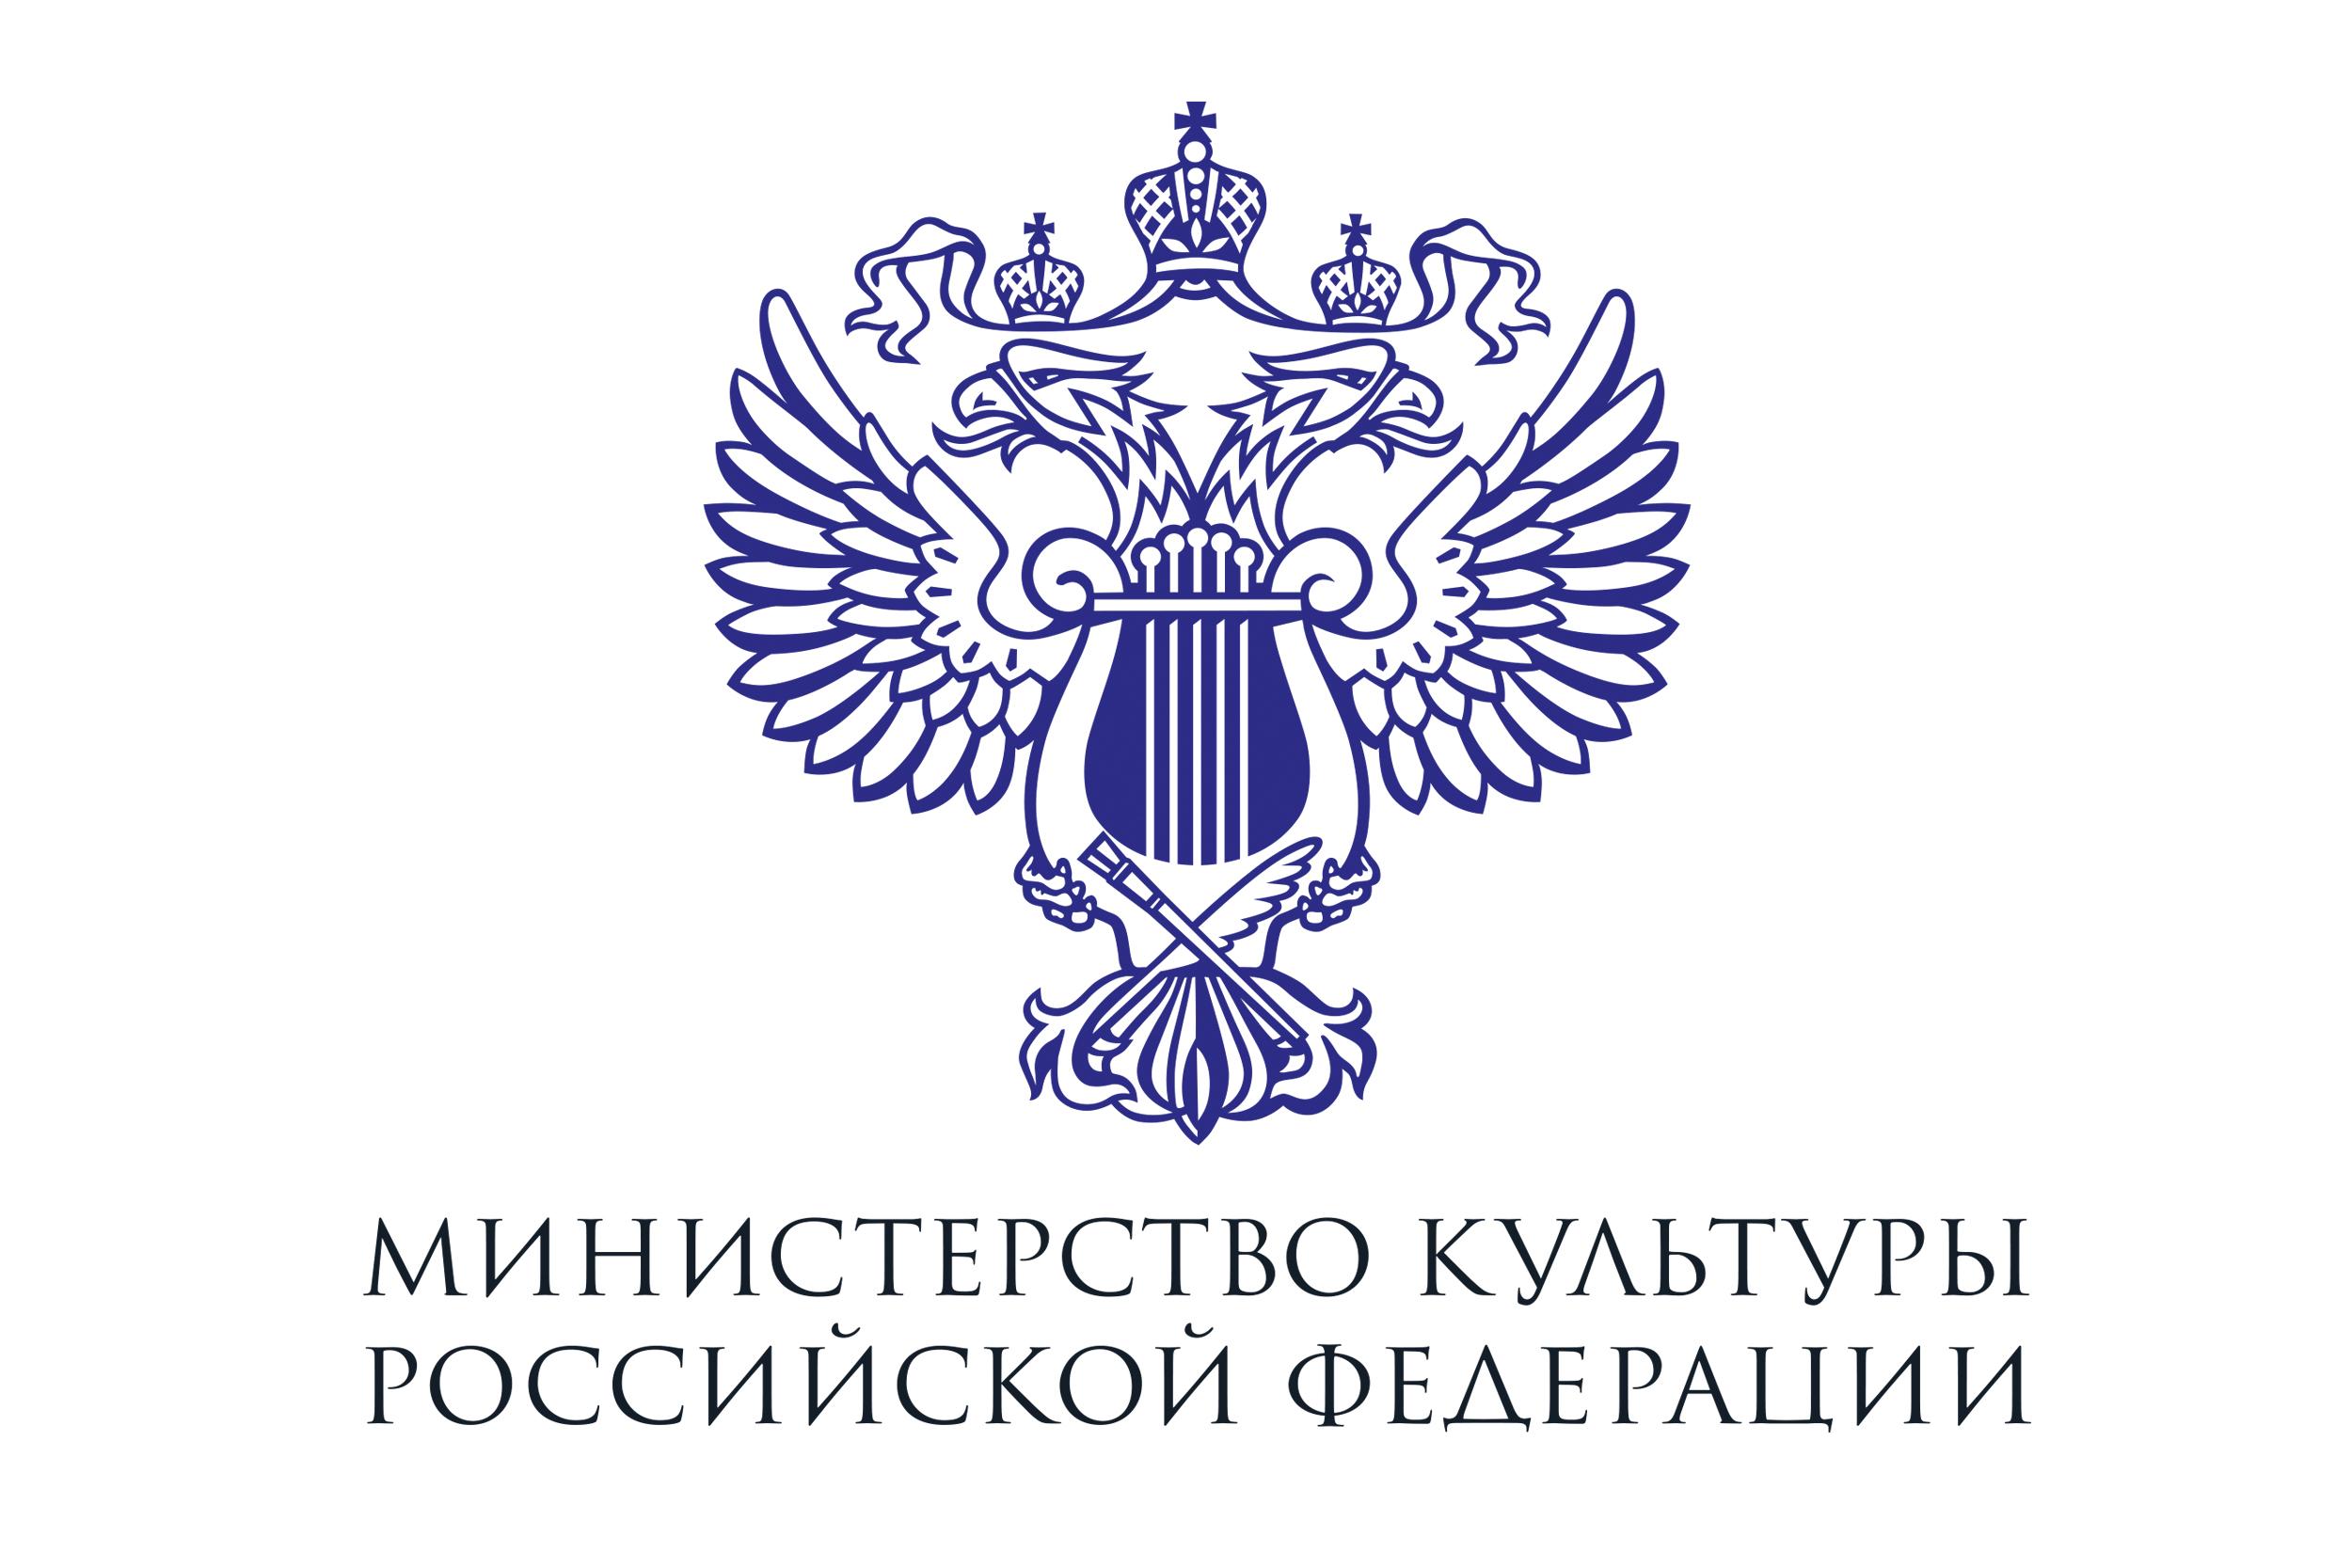 КОНКУРС «РОЖДЕСТВЕНСКИЕ ПЕСНИ НАРОДОВ МИРА» СЕЗОНА 2019 ГОДА